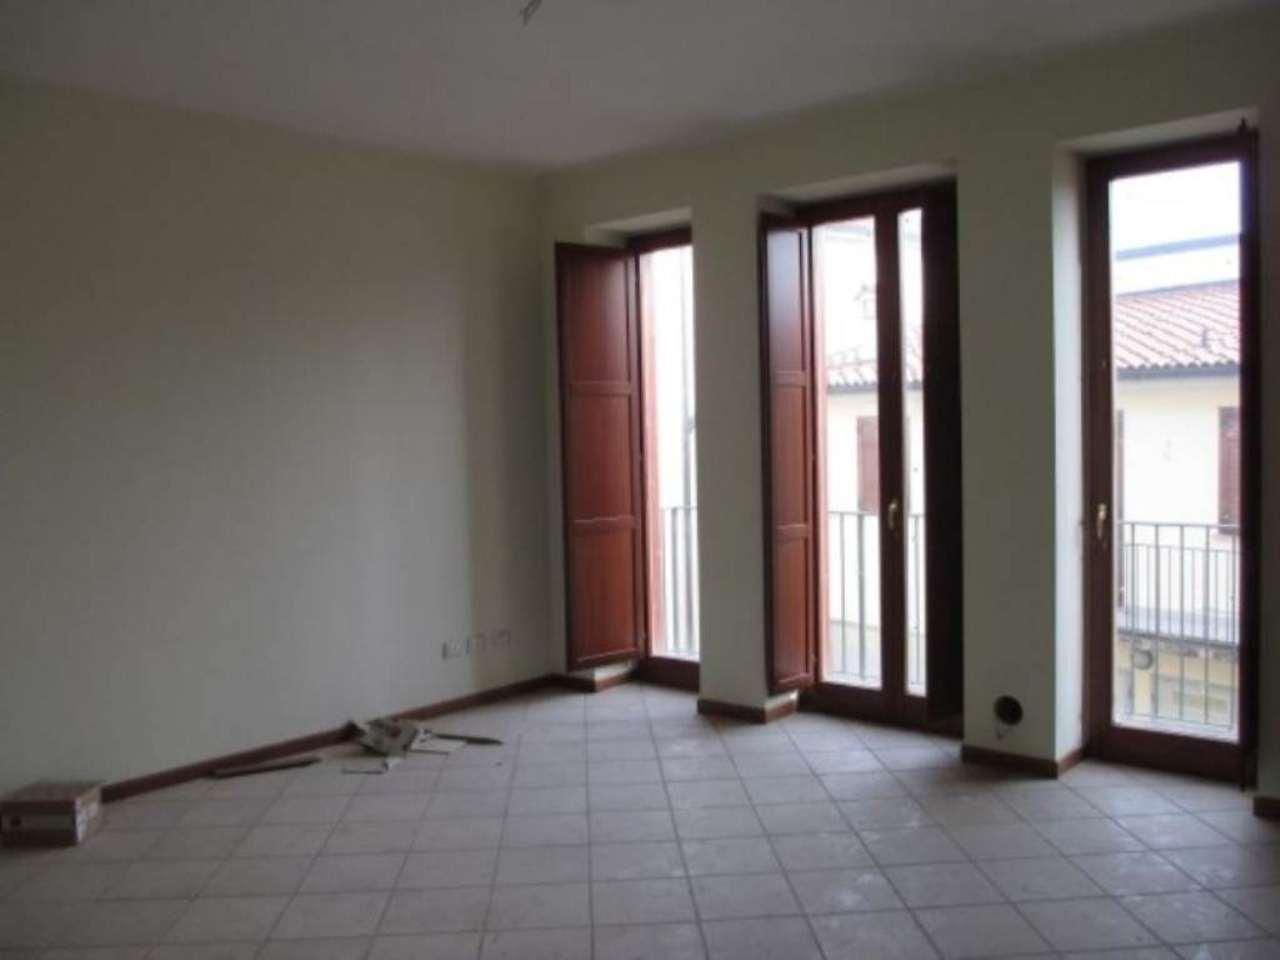 Appartamento in vendita a Soresina, 3 locali, prezzo € 117.000 | PortaleAgenzieImmobiliari.it